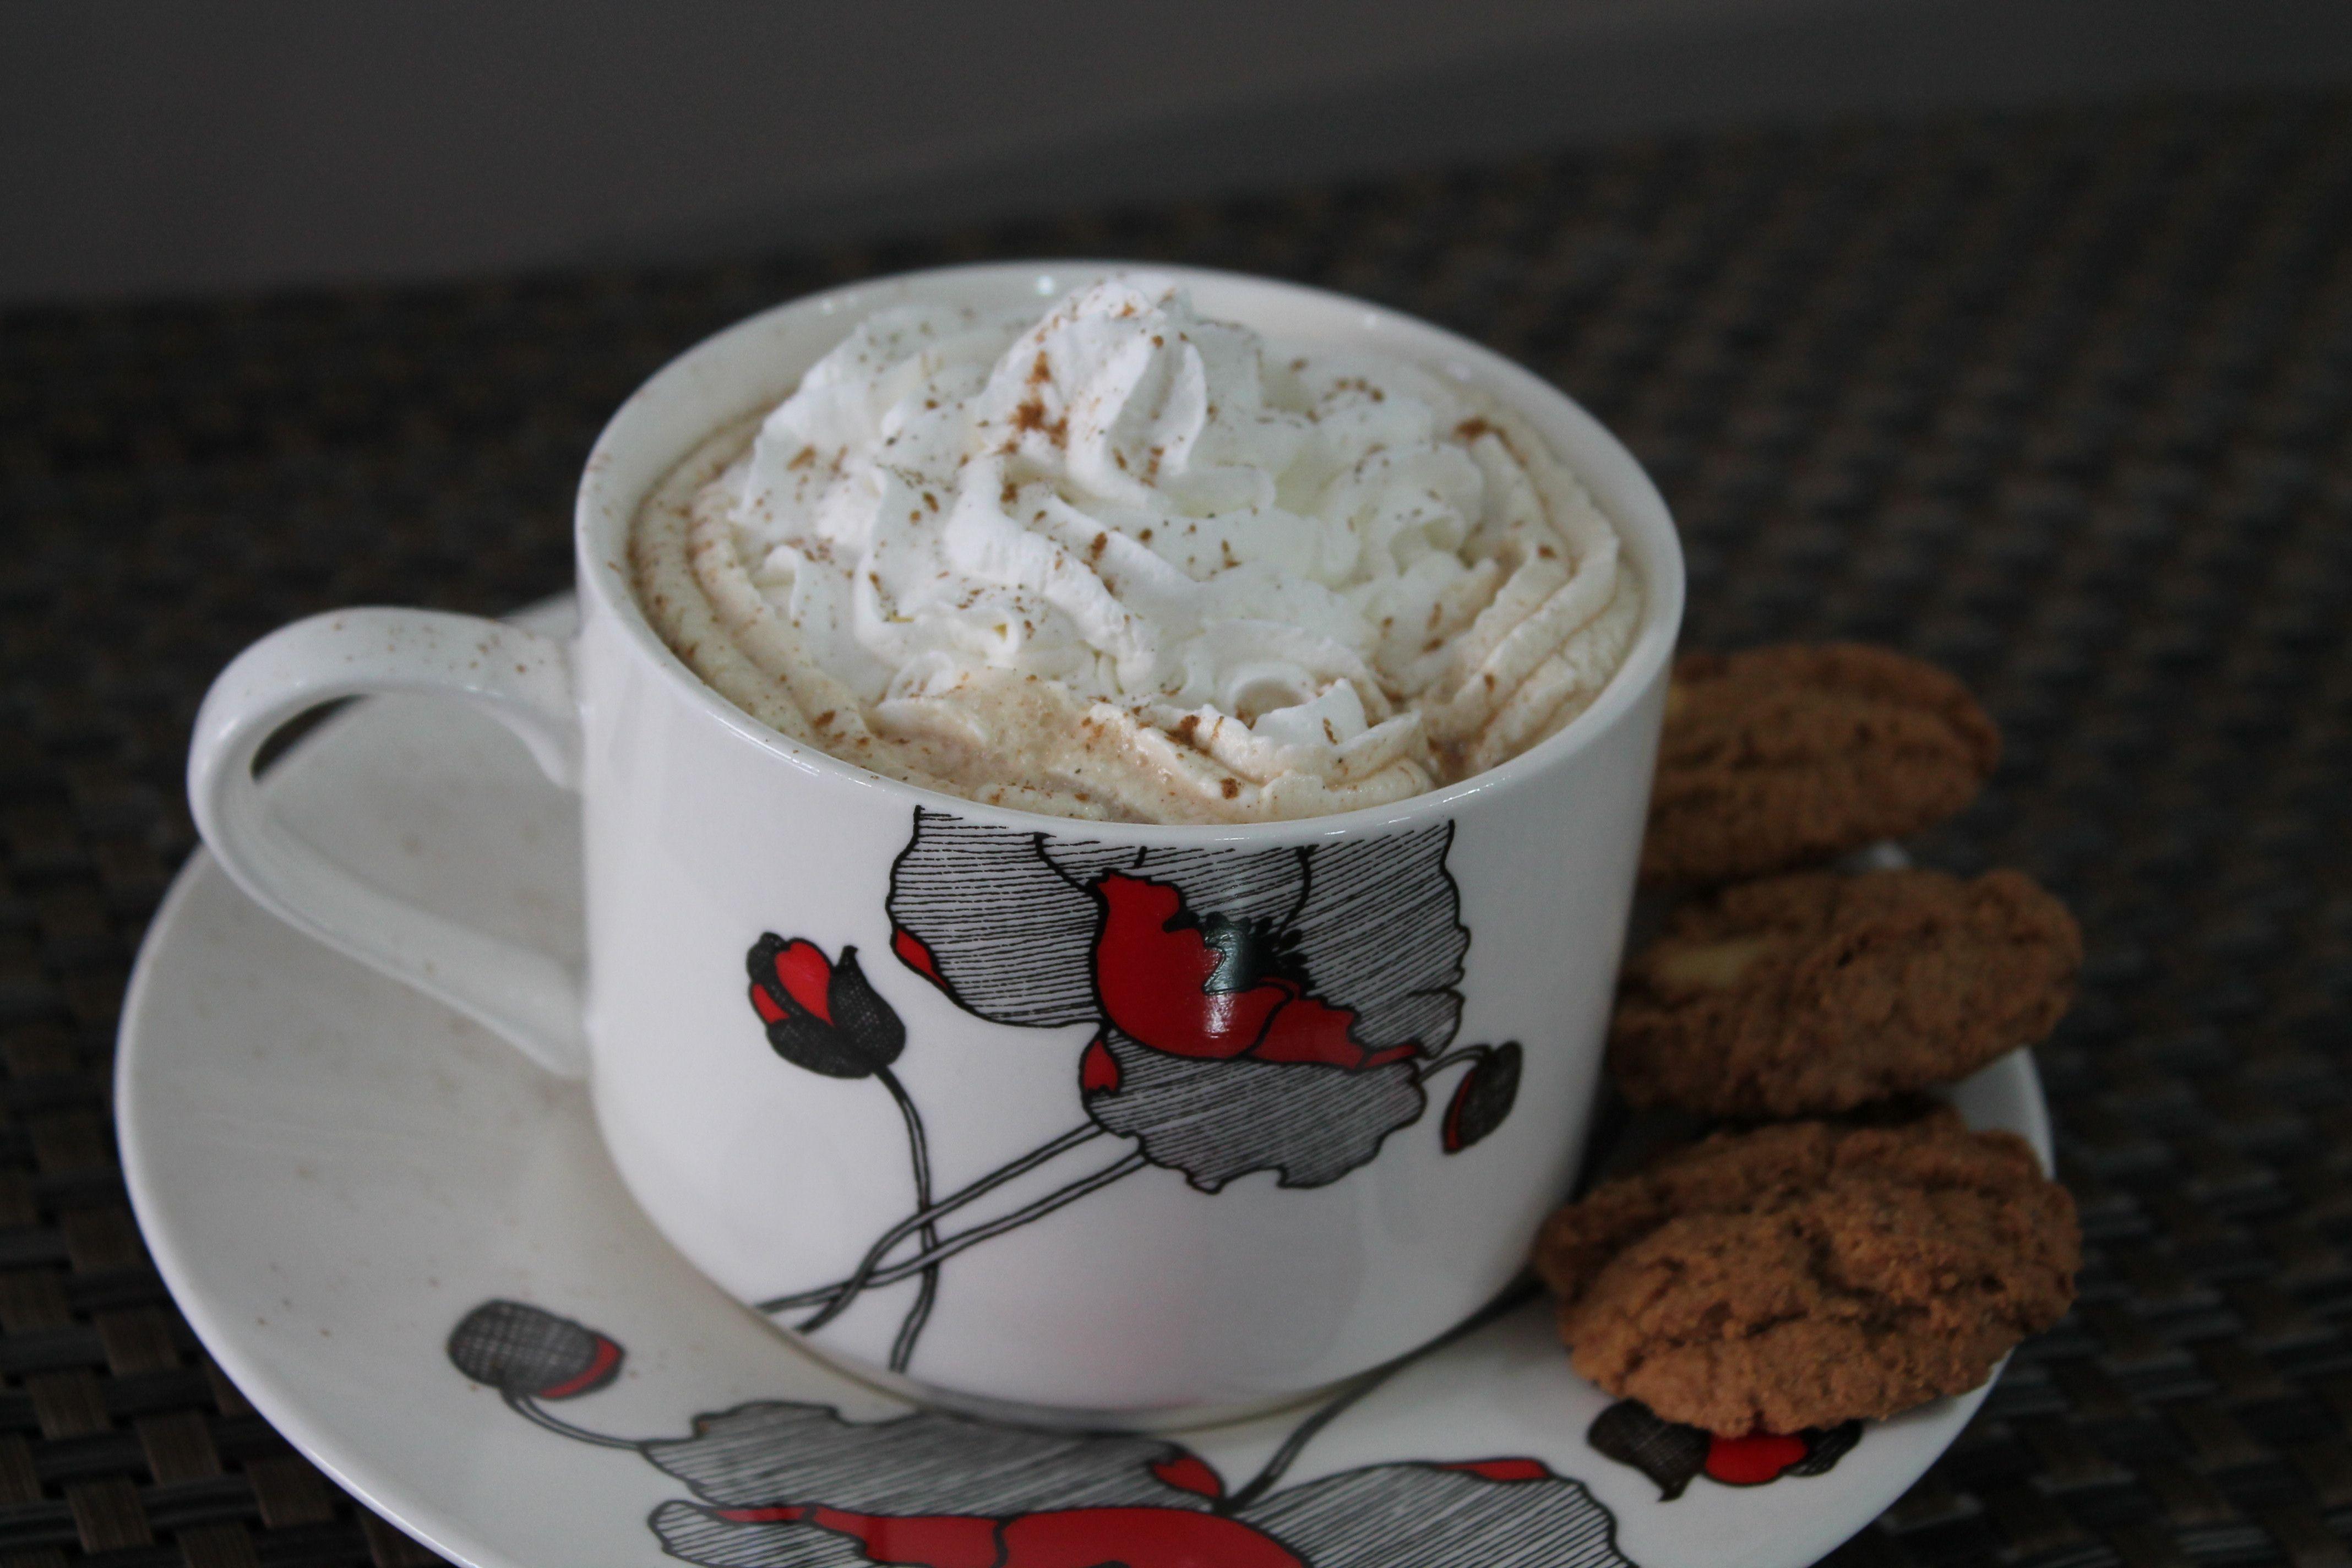 1 lata de leite em pó ninho 500 g  - 1 lata de chocolate em pó Nescau 400 g  - 1 pote de nescafé granulado 200 g  - 3 colheres de sopa (rasa) de canela em pó  - 2 xícaras (chá) de açúcar granulado  -